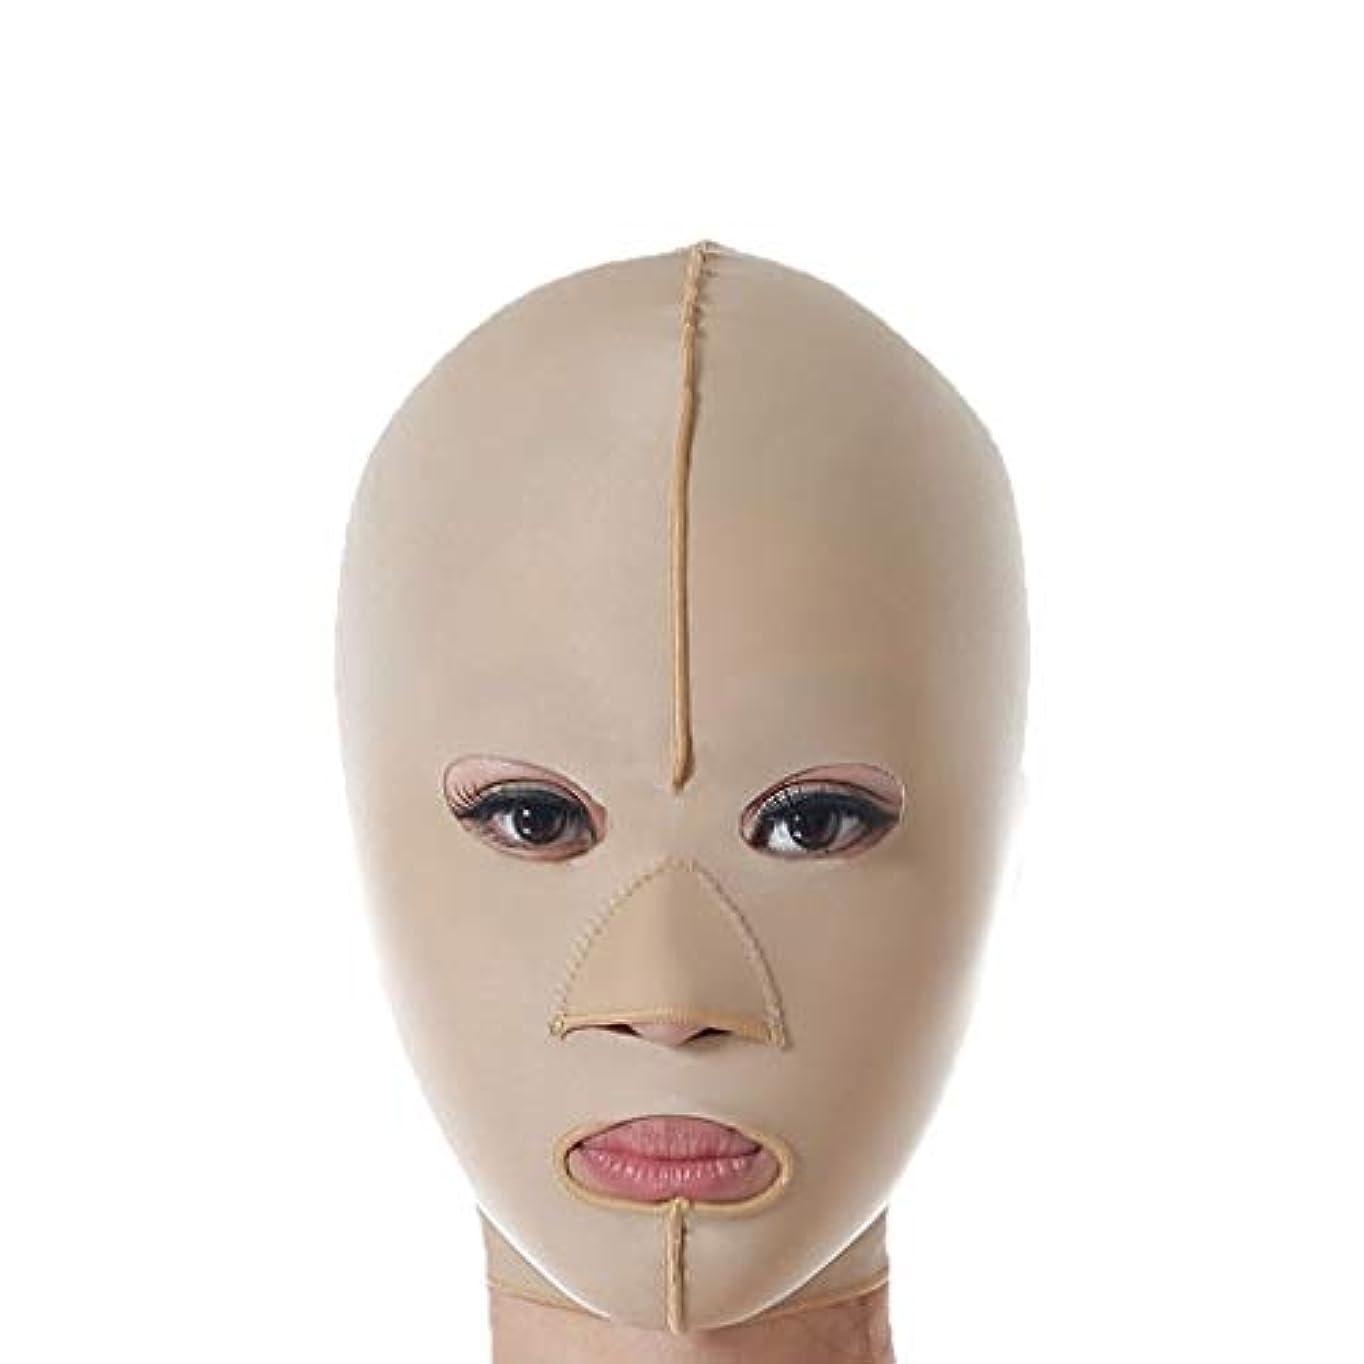 洞察力毎日空気XHLMRMJ 減量フェイスマスク、リフティング包帯、スリムフェイスリフトリフティングベルト、フェイシャル減量リフティング包帯 (Size : L)